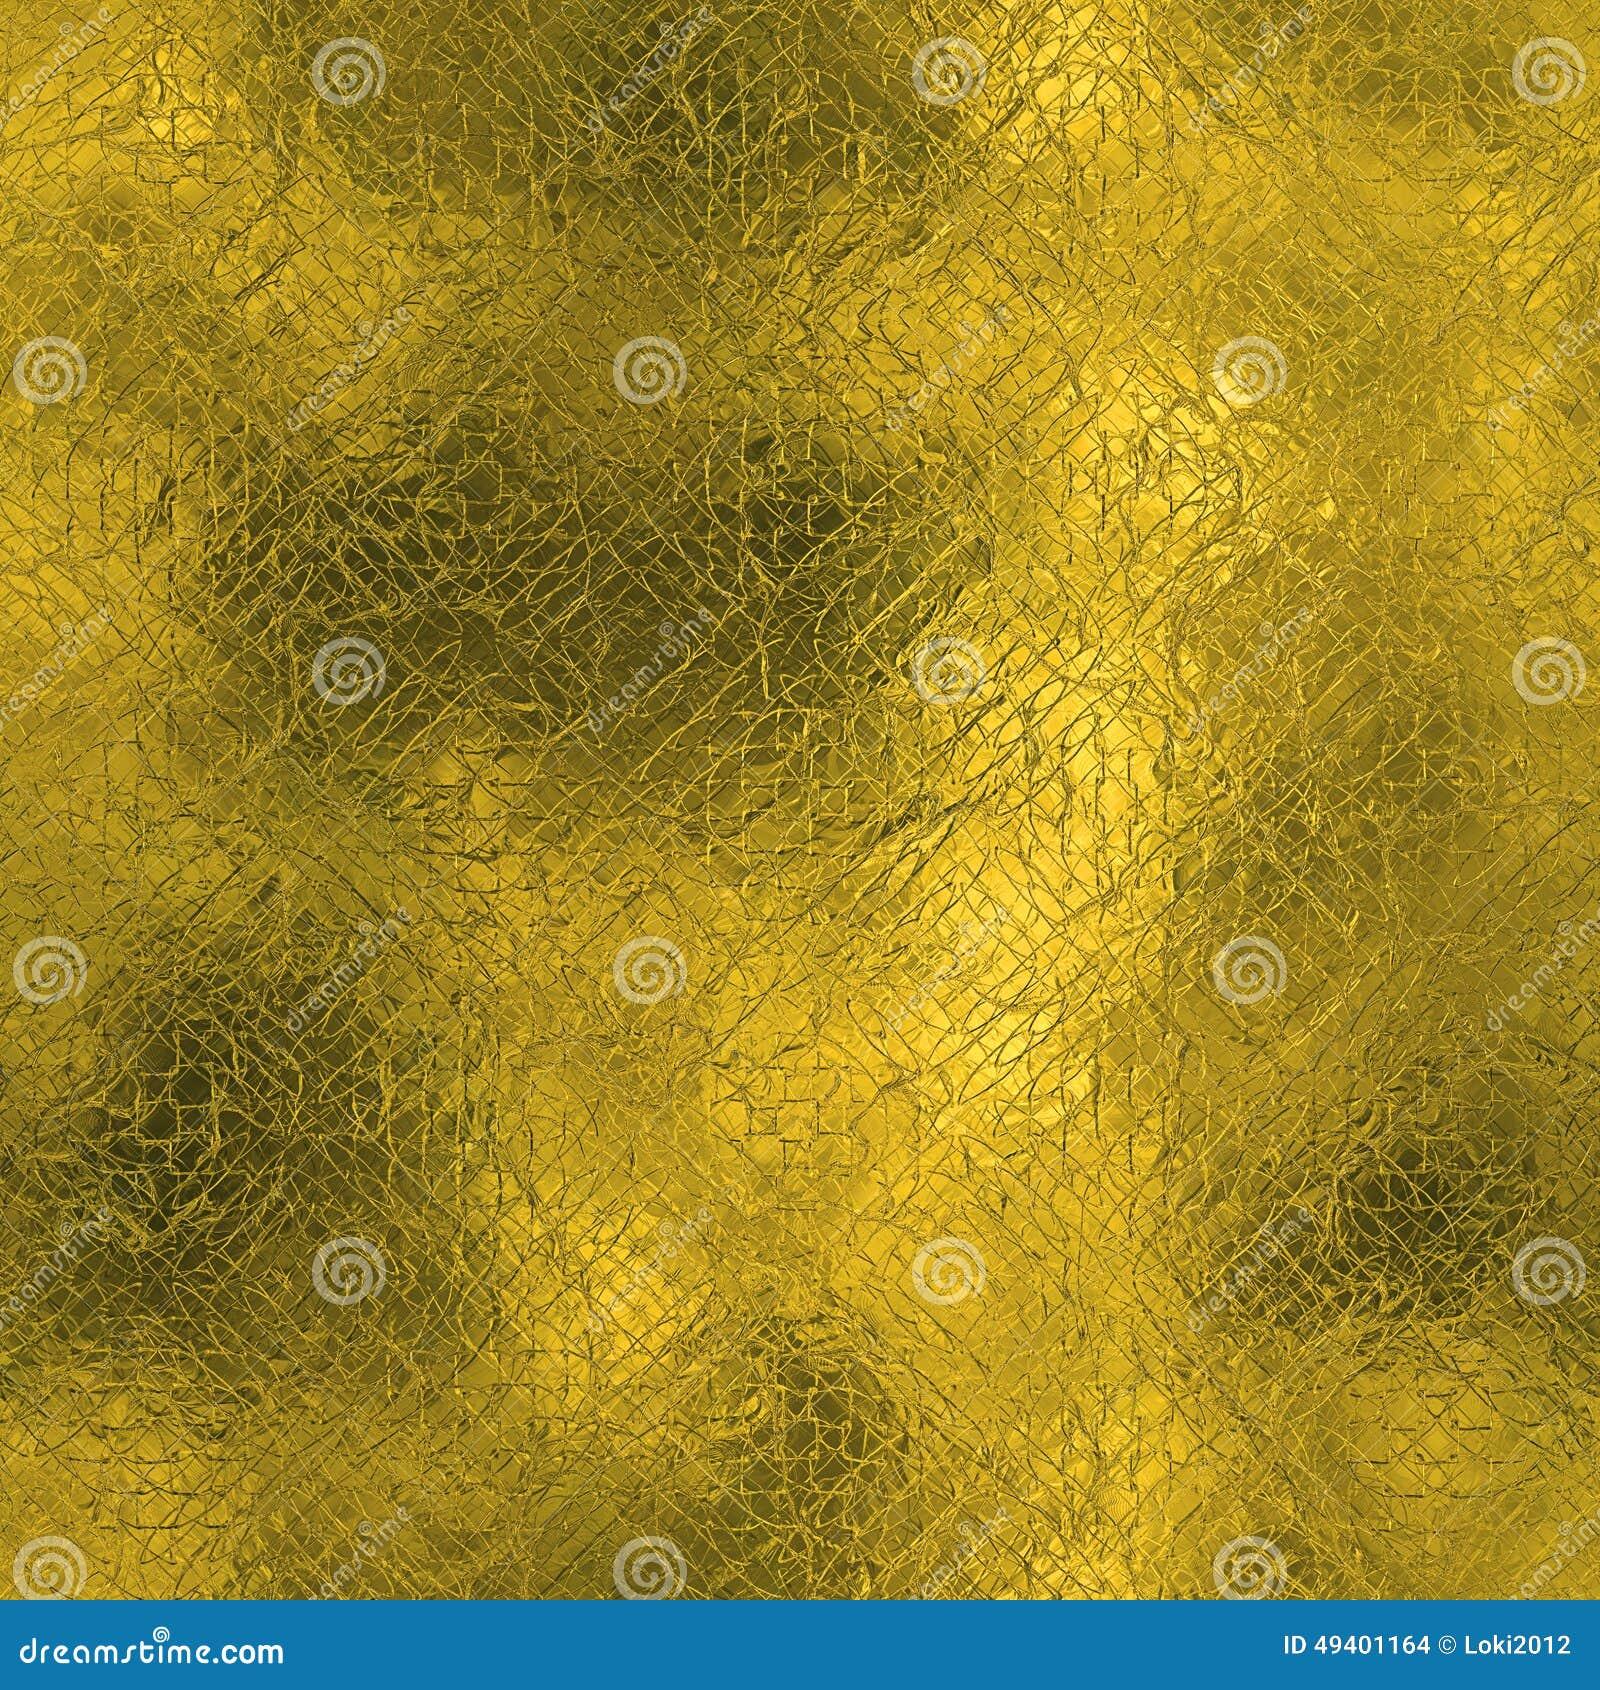 Download Goldene Folie Beschaffenheit Des Nahtlosen Und Tileable Luxushintergrundes Funkelnder Feiertag Geknitterter Goldhintergrund Stockfoto - Bild von glatt, gold: 49401164